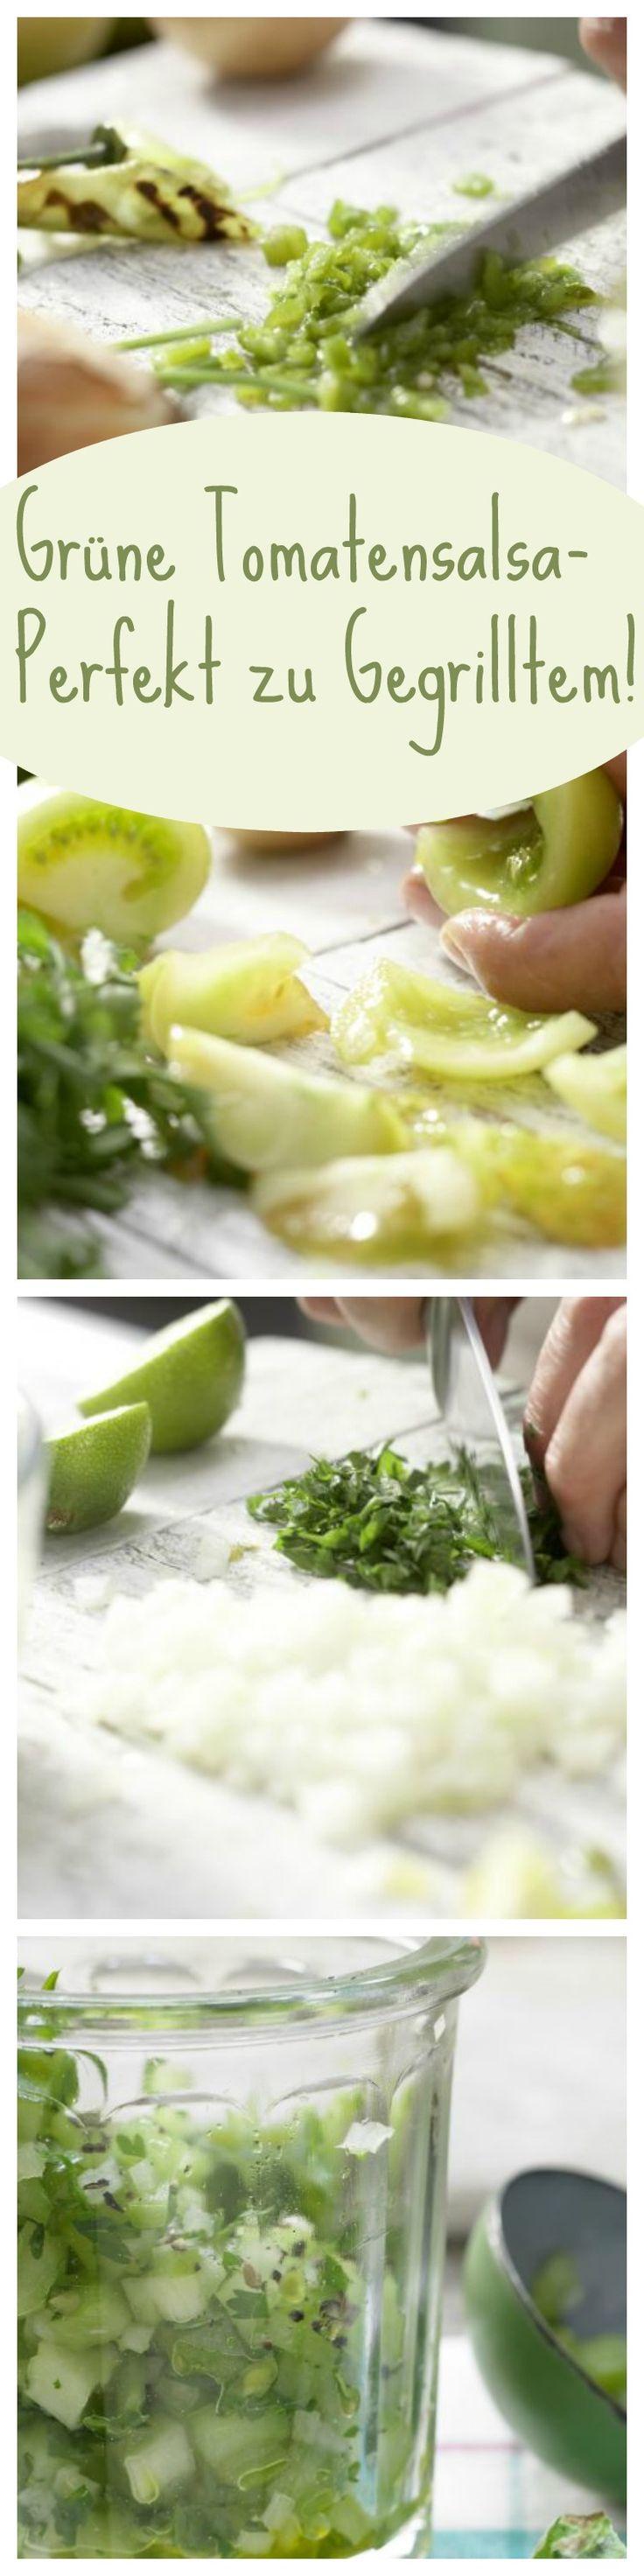 Lecker-pikante südamerikaische Beilage: Grüne Tomaten-Salsa mit Limette und Koriander | http://eatsmarter.de/rezepte/gruene-tomaten-salsa